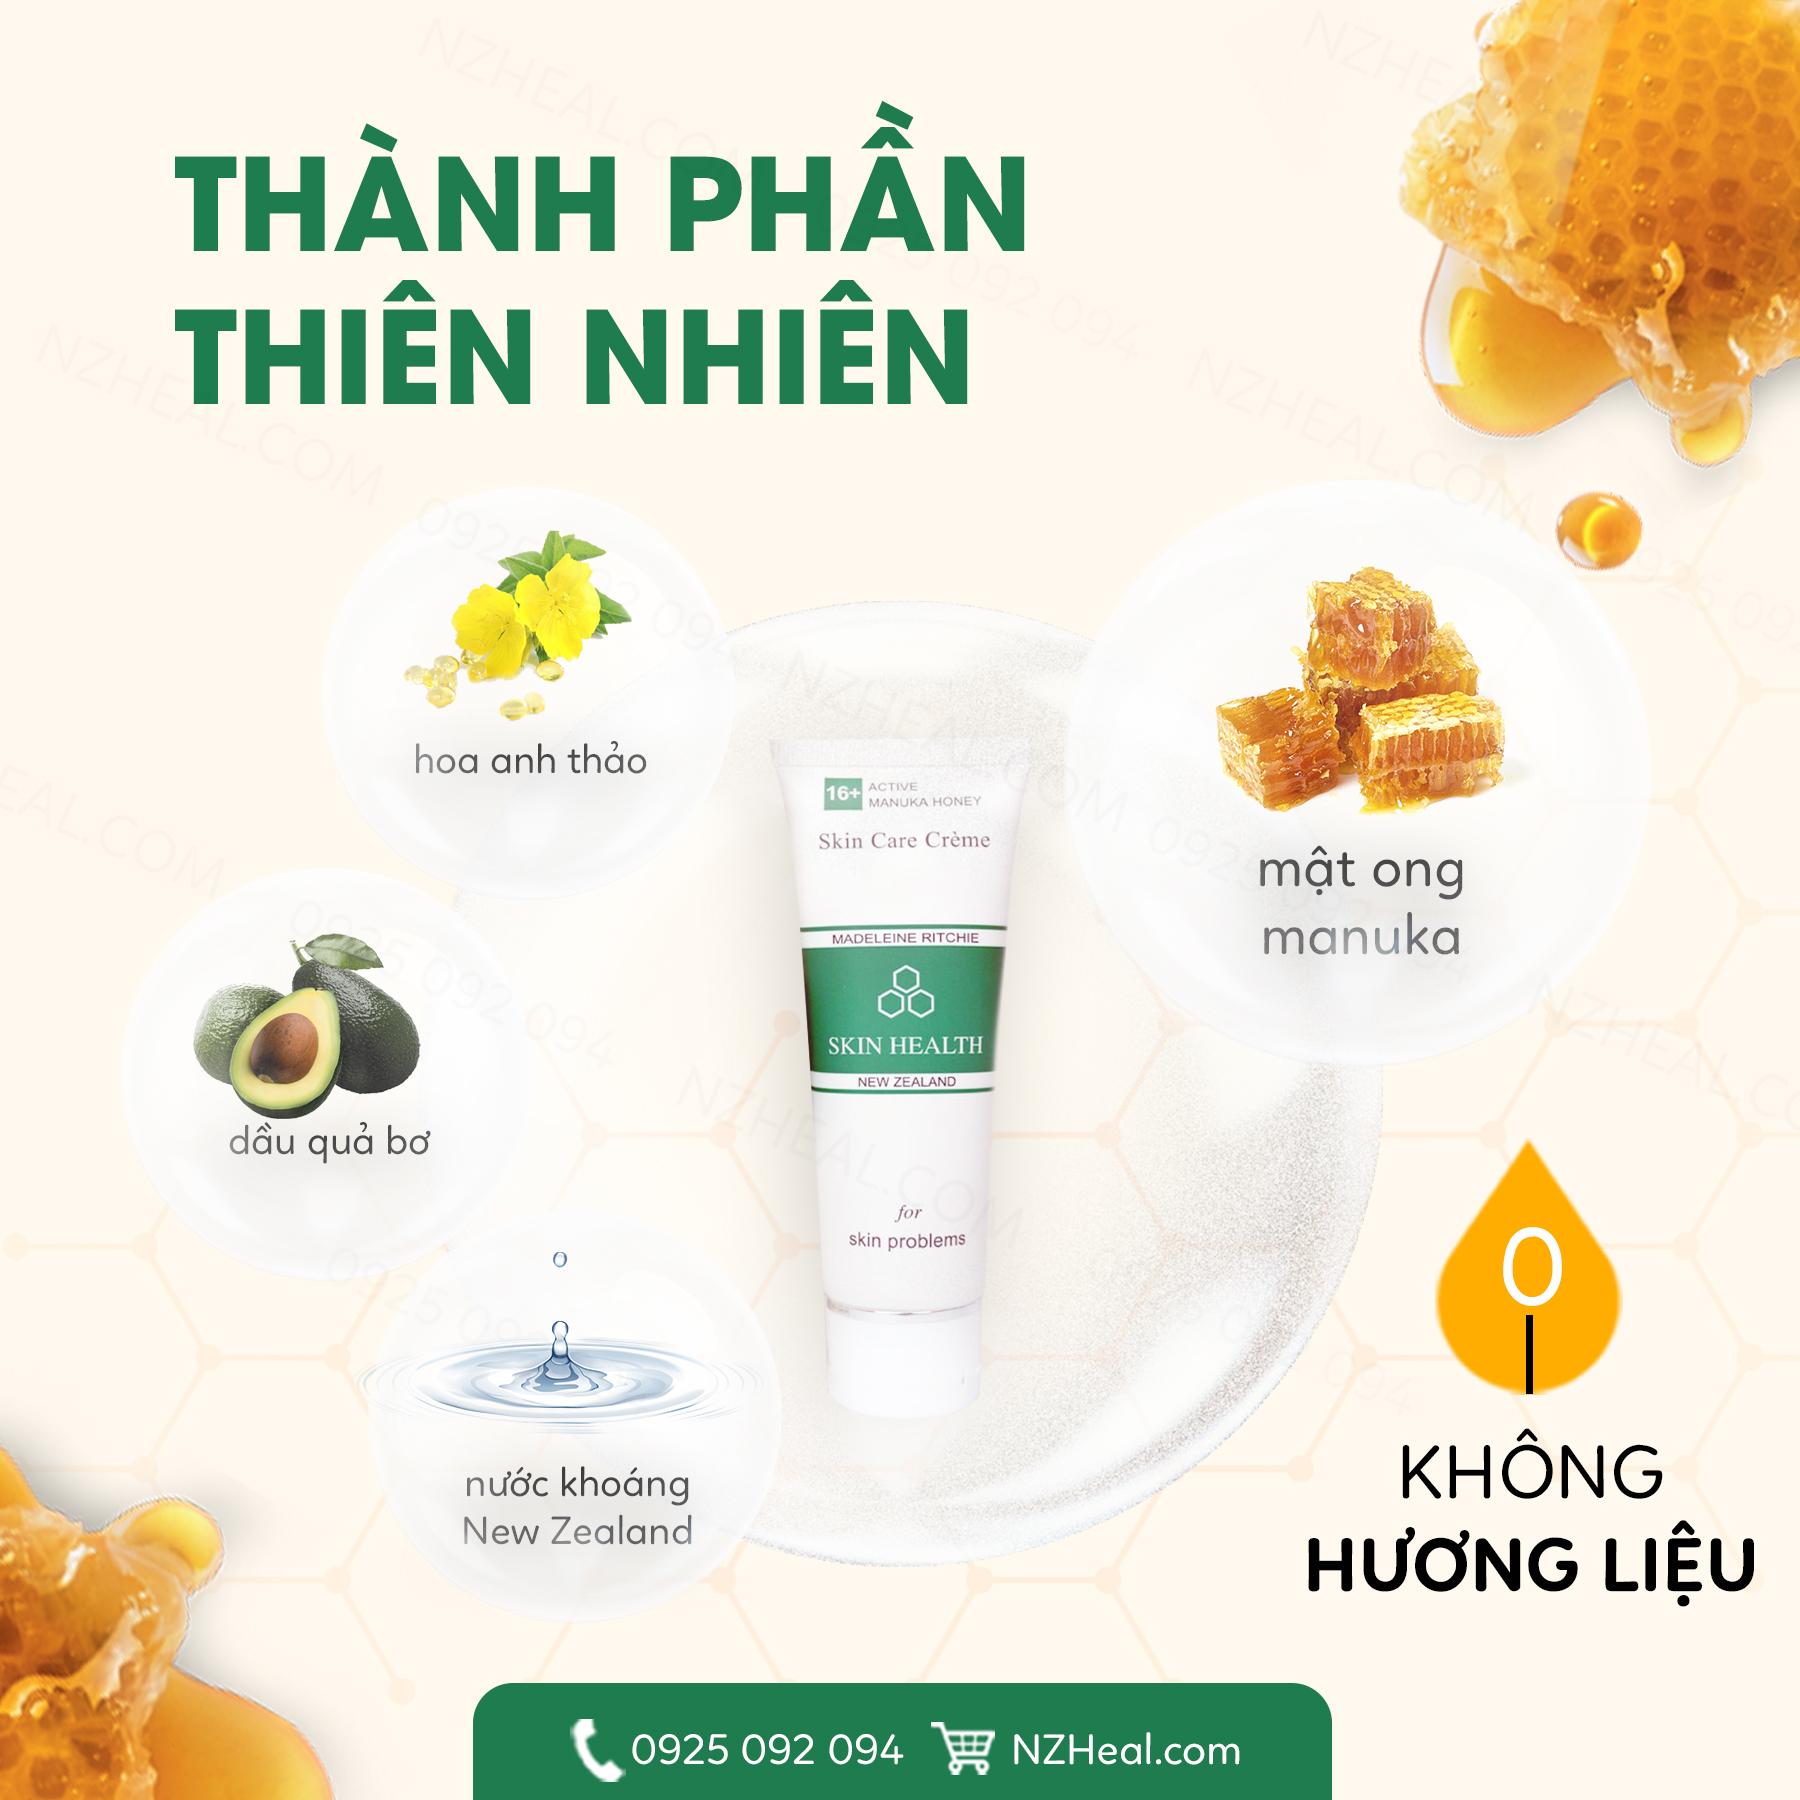 Kem mật ong Manuka Skin Health Madeleine Ritchie - Giải pháp Kháng viêm & Tái tạo da sau nhiễm Corticoid